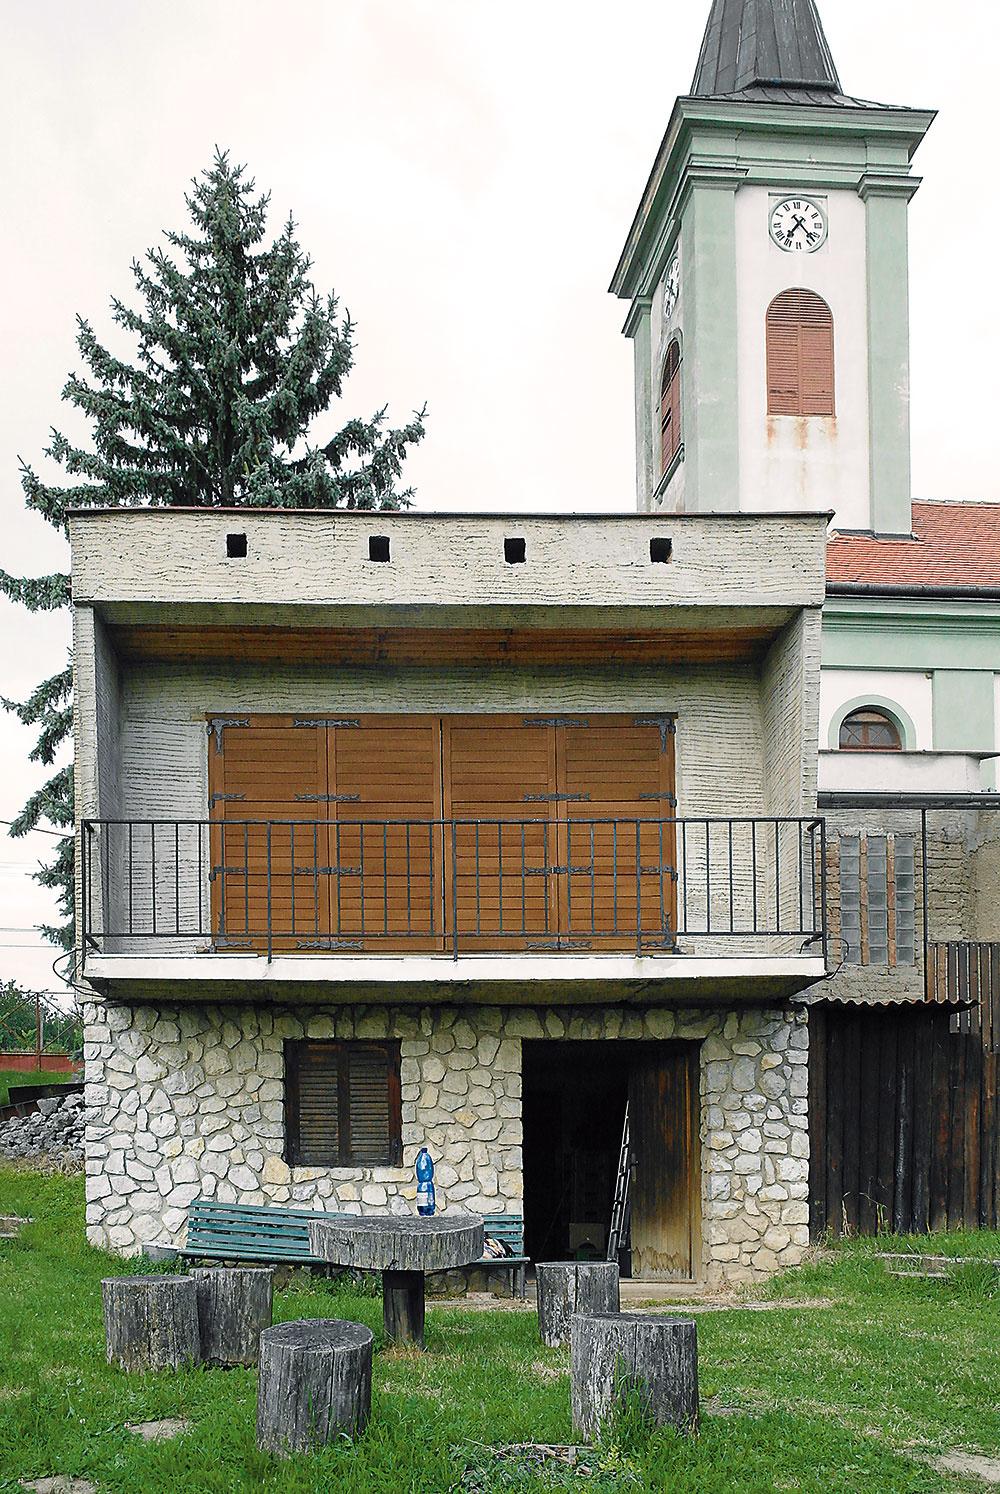 """""""Šumperk"""" alebo """"šumperák"""" bolo familiárne pomenovanie pre jeden znajznámejších typov rodinného domu zobdobia socializmu (vČesku ana Slovensku sa ich postavilo viac než 4,5-tisíc). Bol obľúbený najmä na prelome 60. a70. rokov 20. storočia, keď splnil túžbu vtedajších mladých ľudí bývať vmodernom dome, odlišnom od tých, aké stavali ich rodičia. Menší variant """"šumperáku"""" vcentre Úvalov slúžil roky ako vinohradnícky domček."""